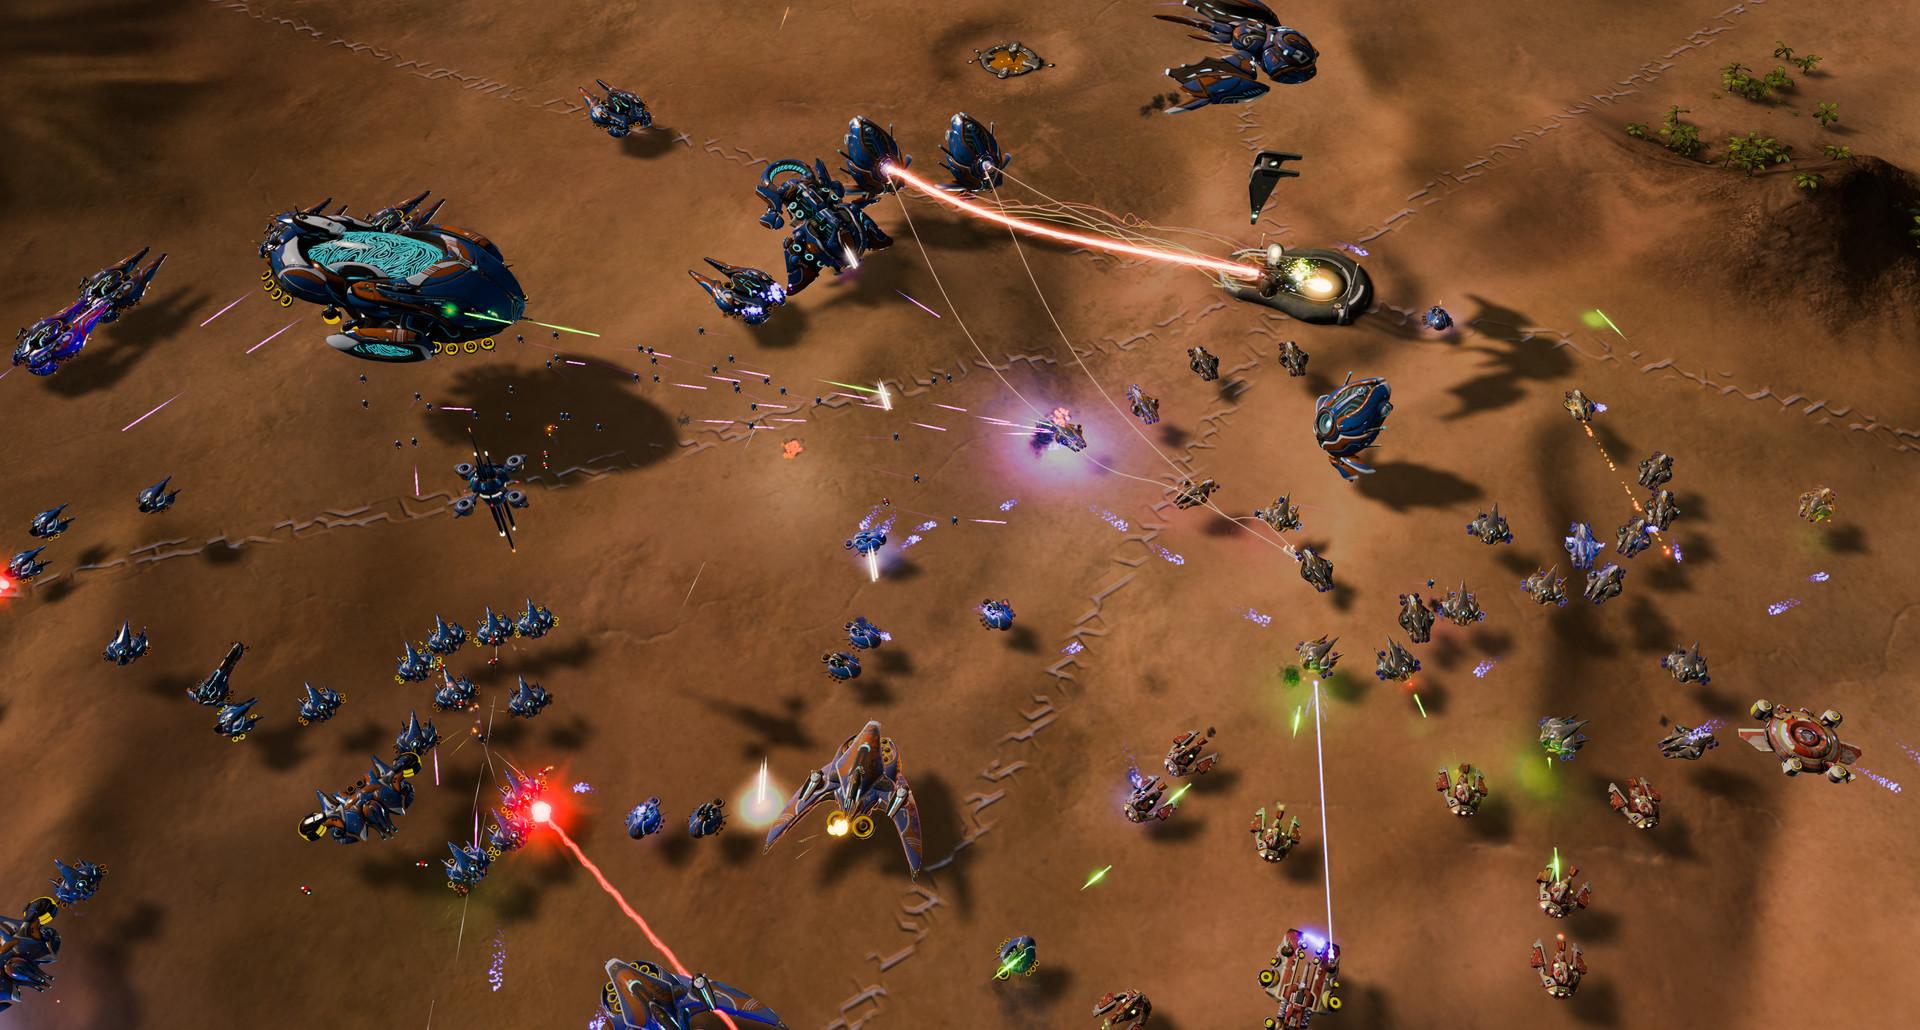 com.steam.507490-screenshot